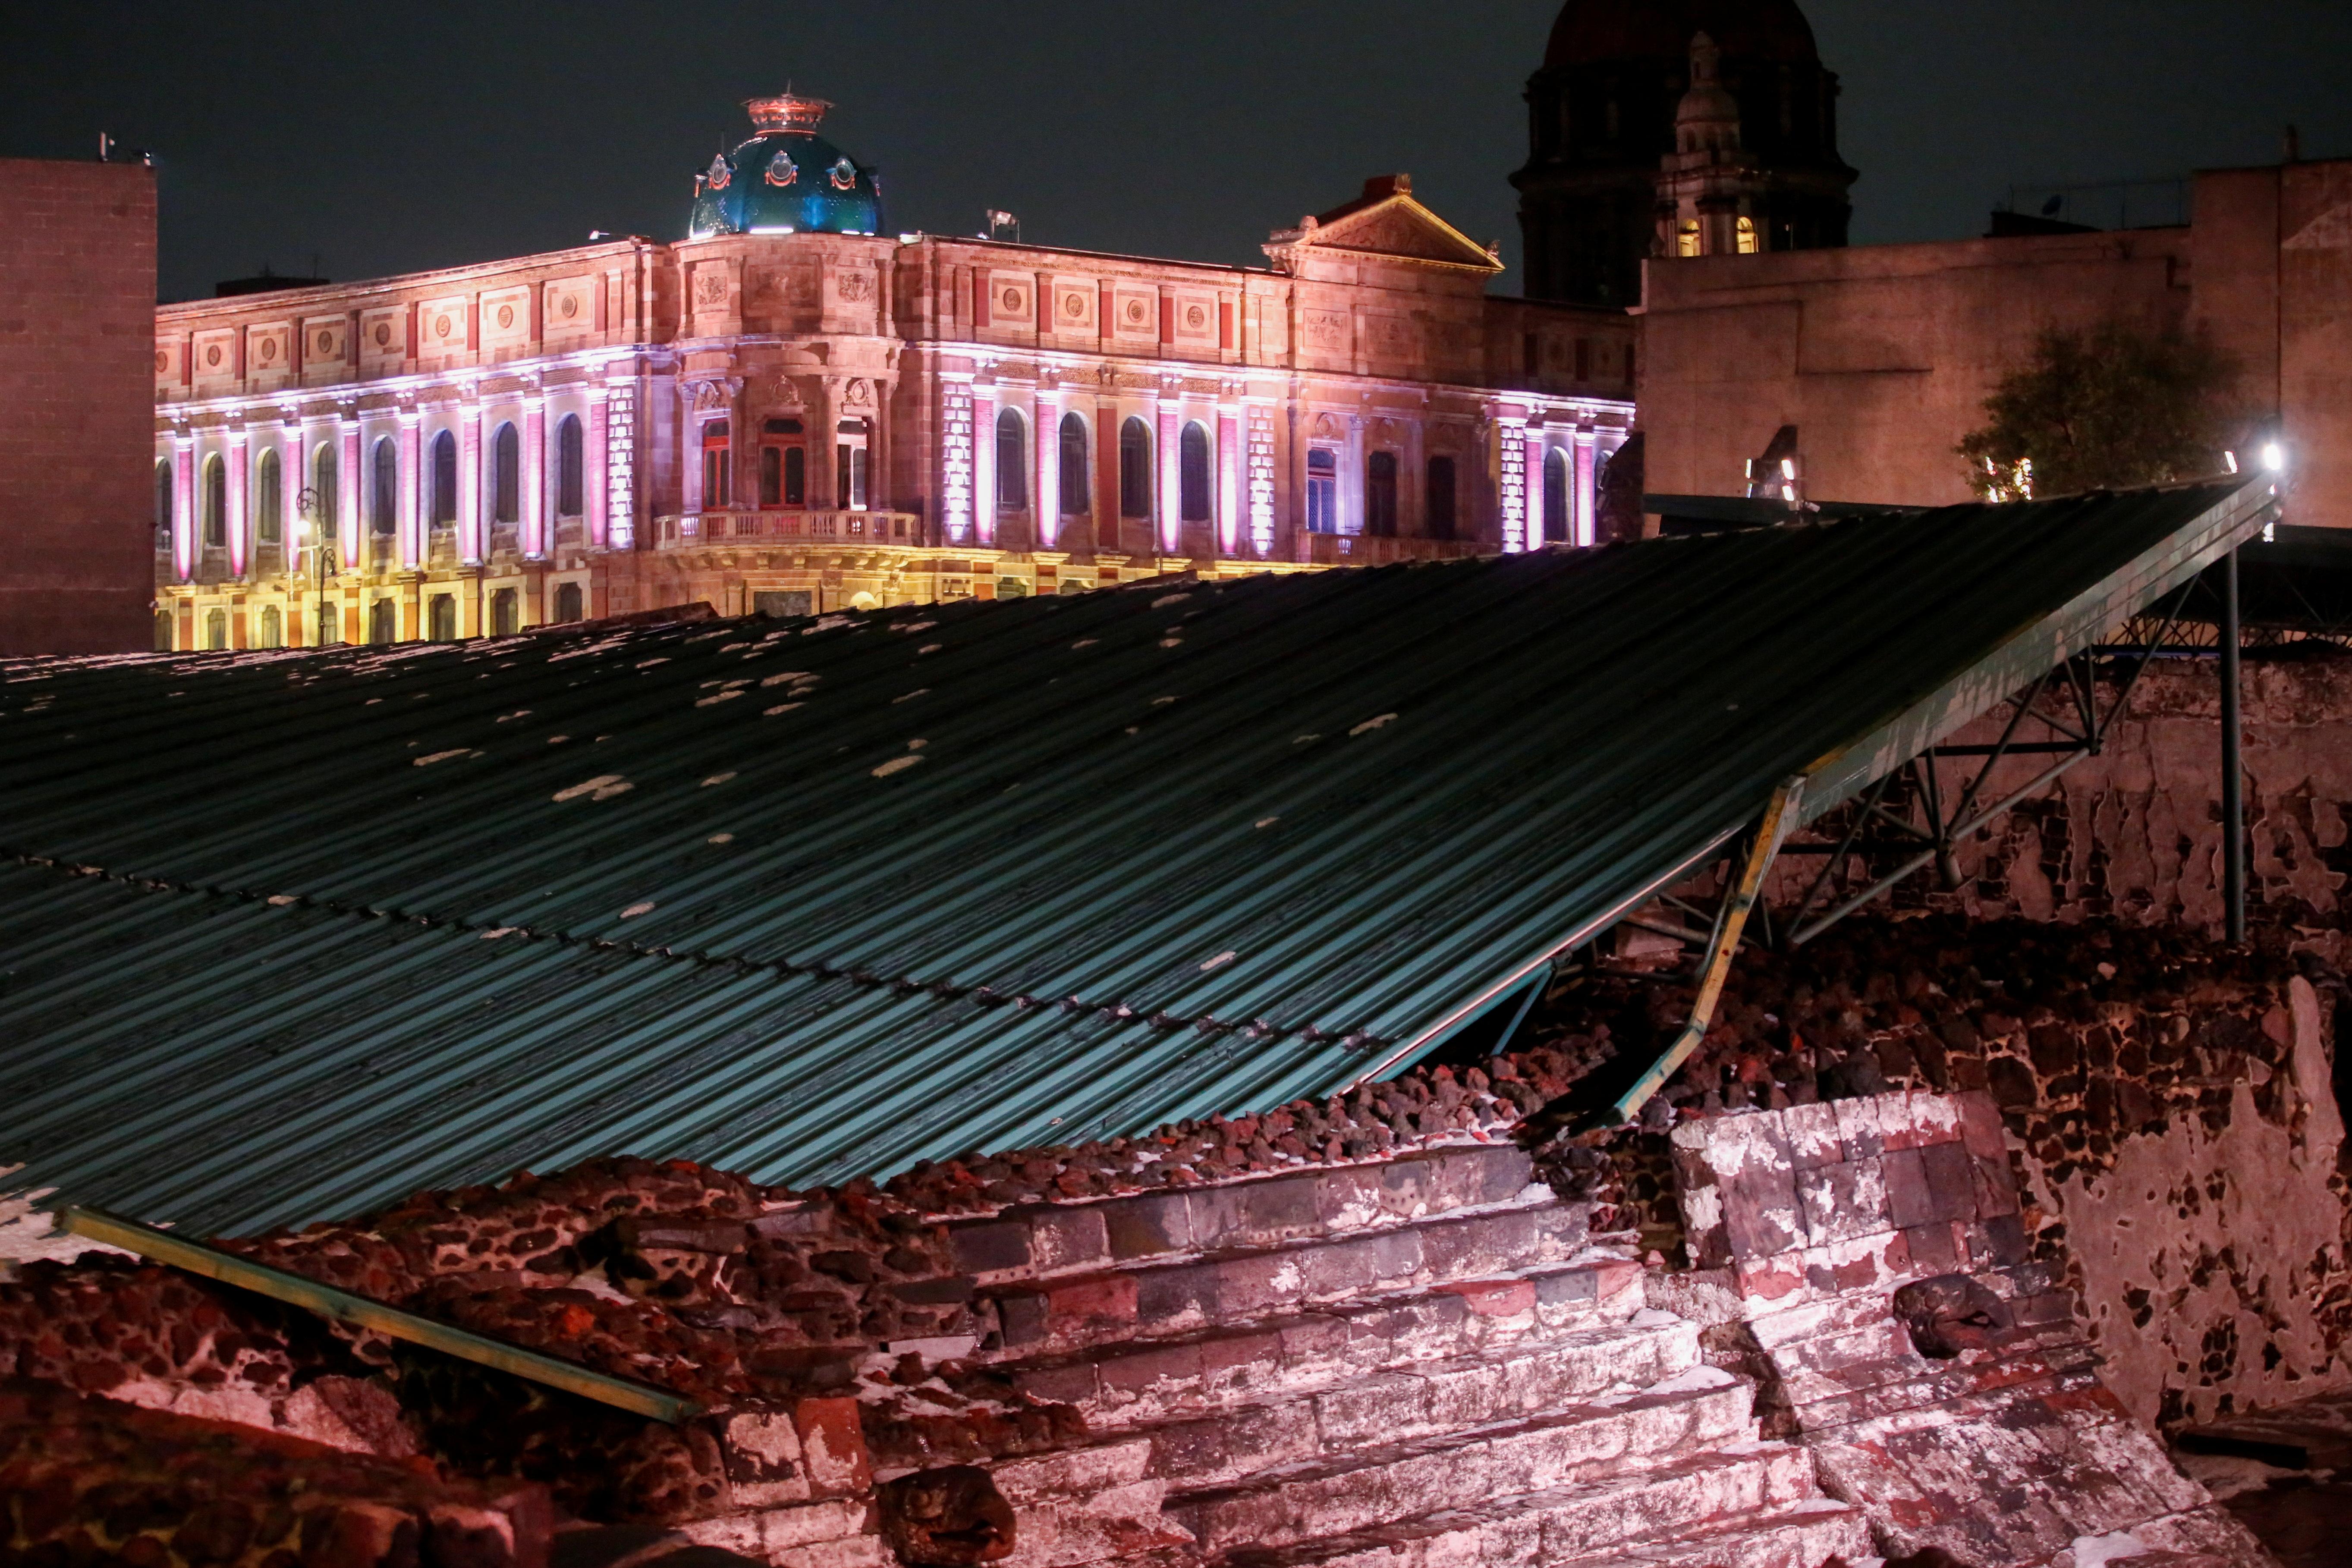 Effondrement de la toiture du Grand Temple de Mexico